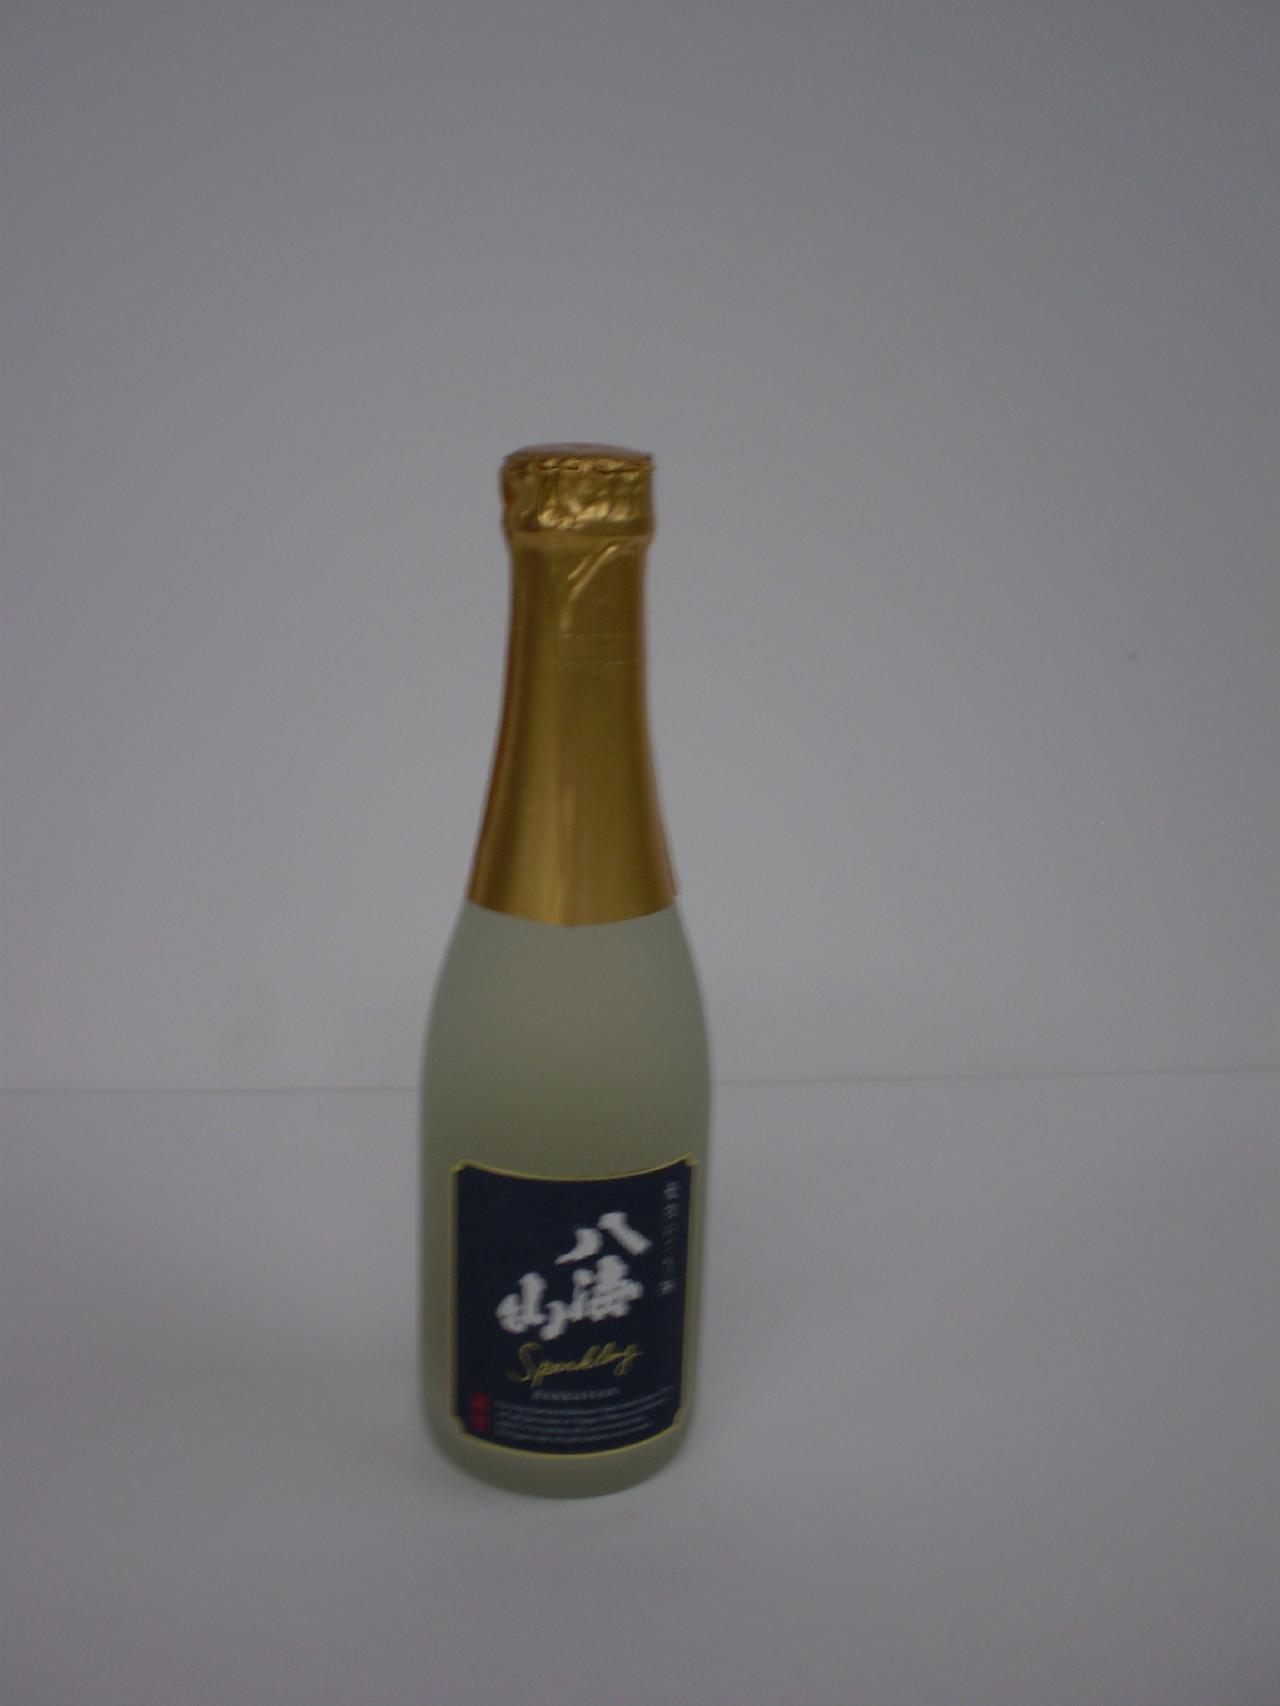 八海山 純米 発泡にごり酒 360ml